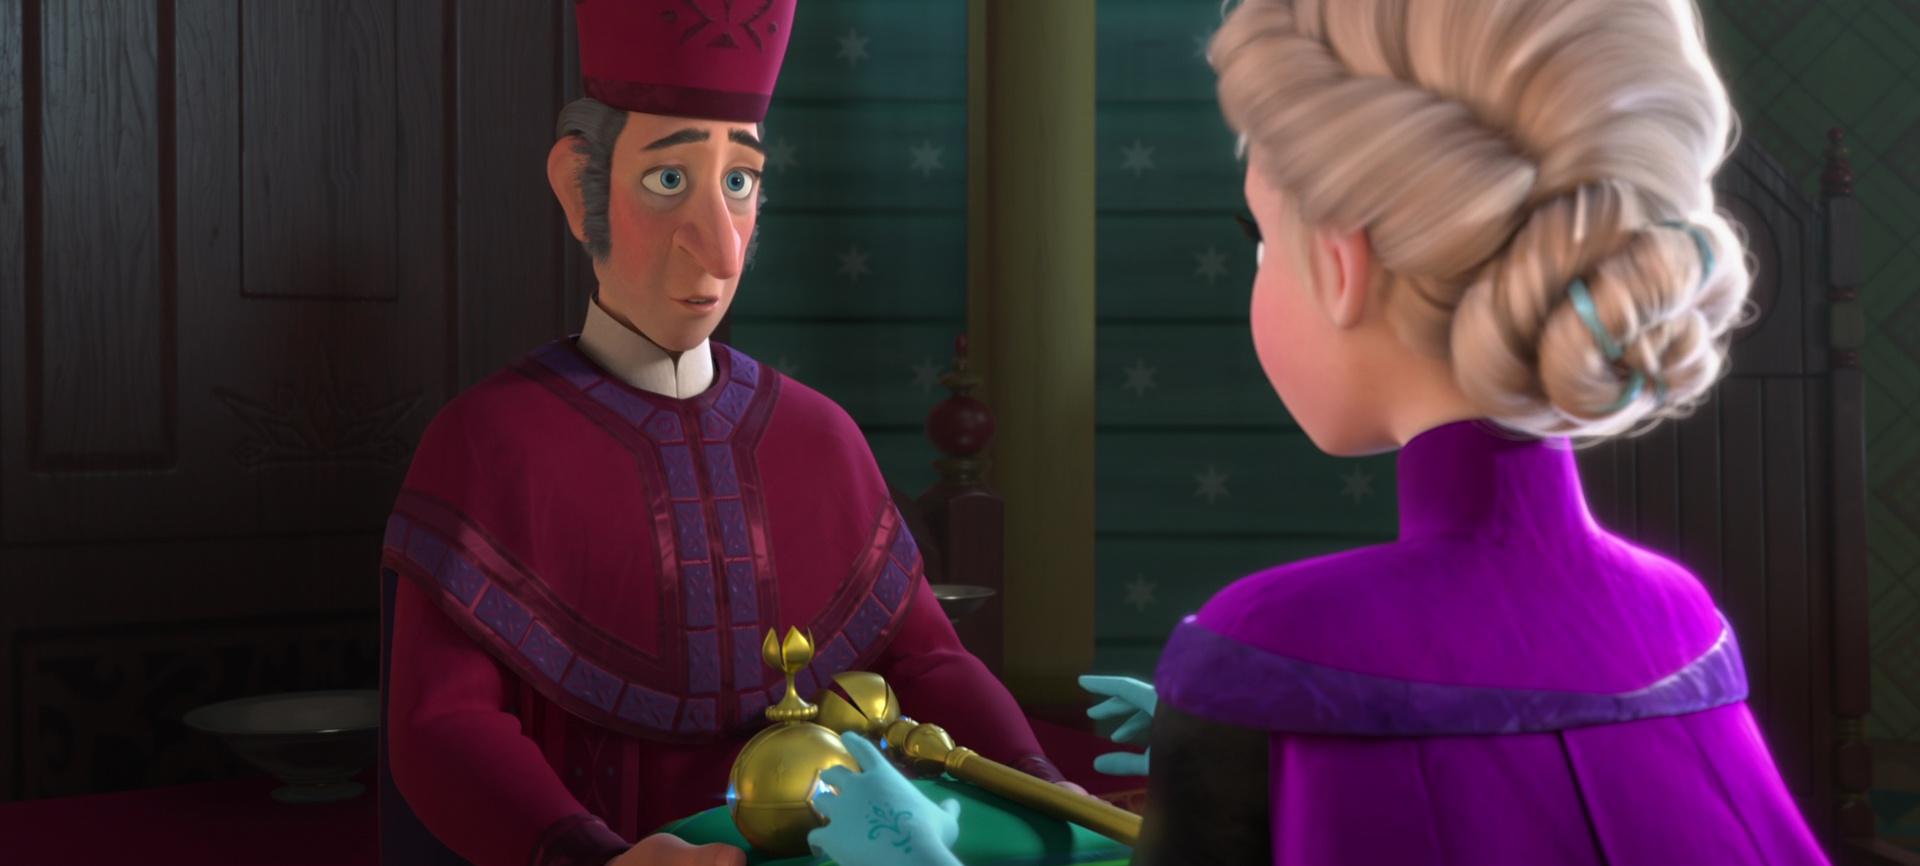 L ev que personnage dans la reine des neiges disney - Personnages reine des neiges ...